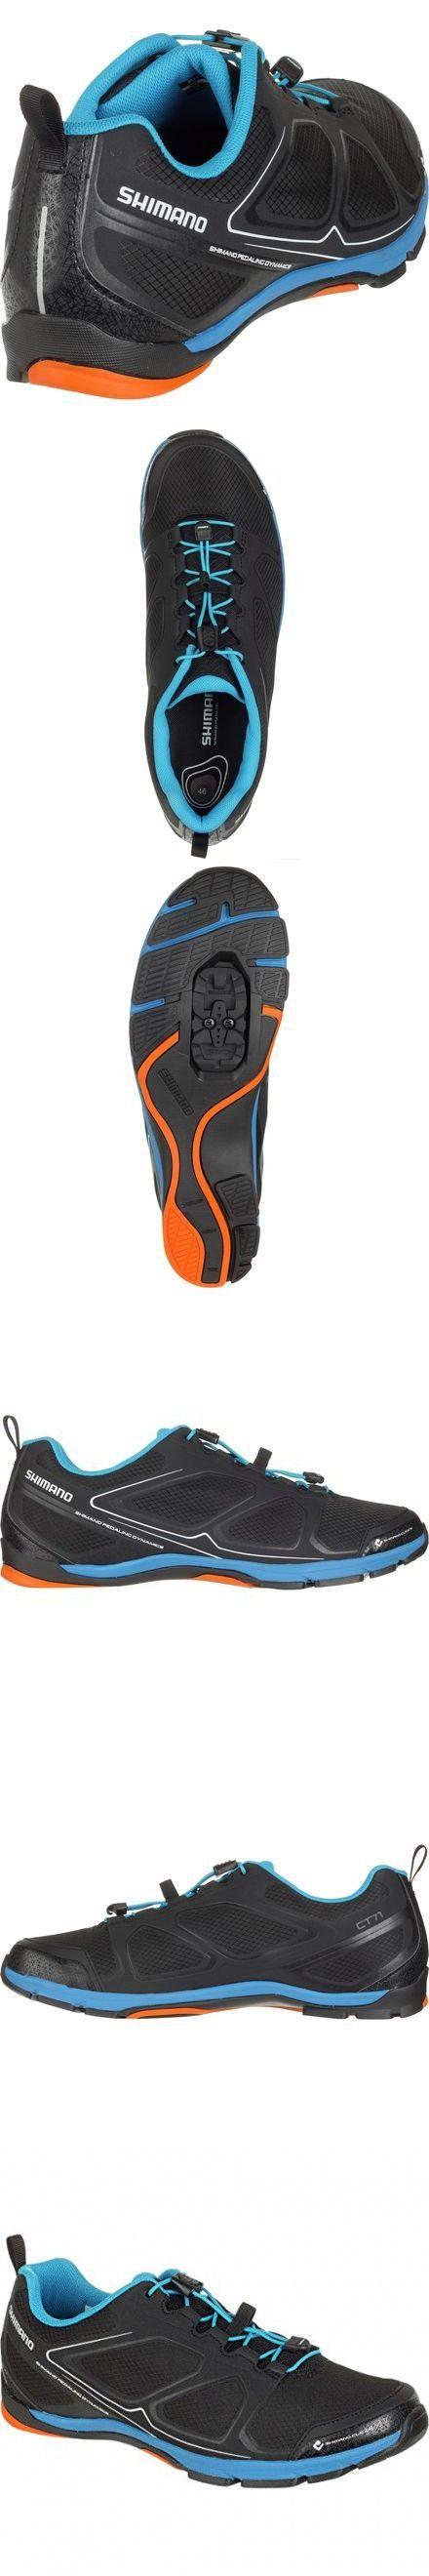 Shimano Sh Ct71 Cycling Shoe Men S Black 46 0 Cycling Shoes